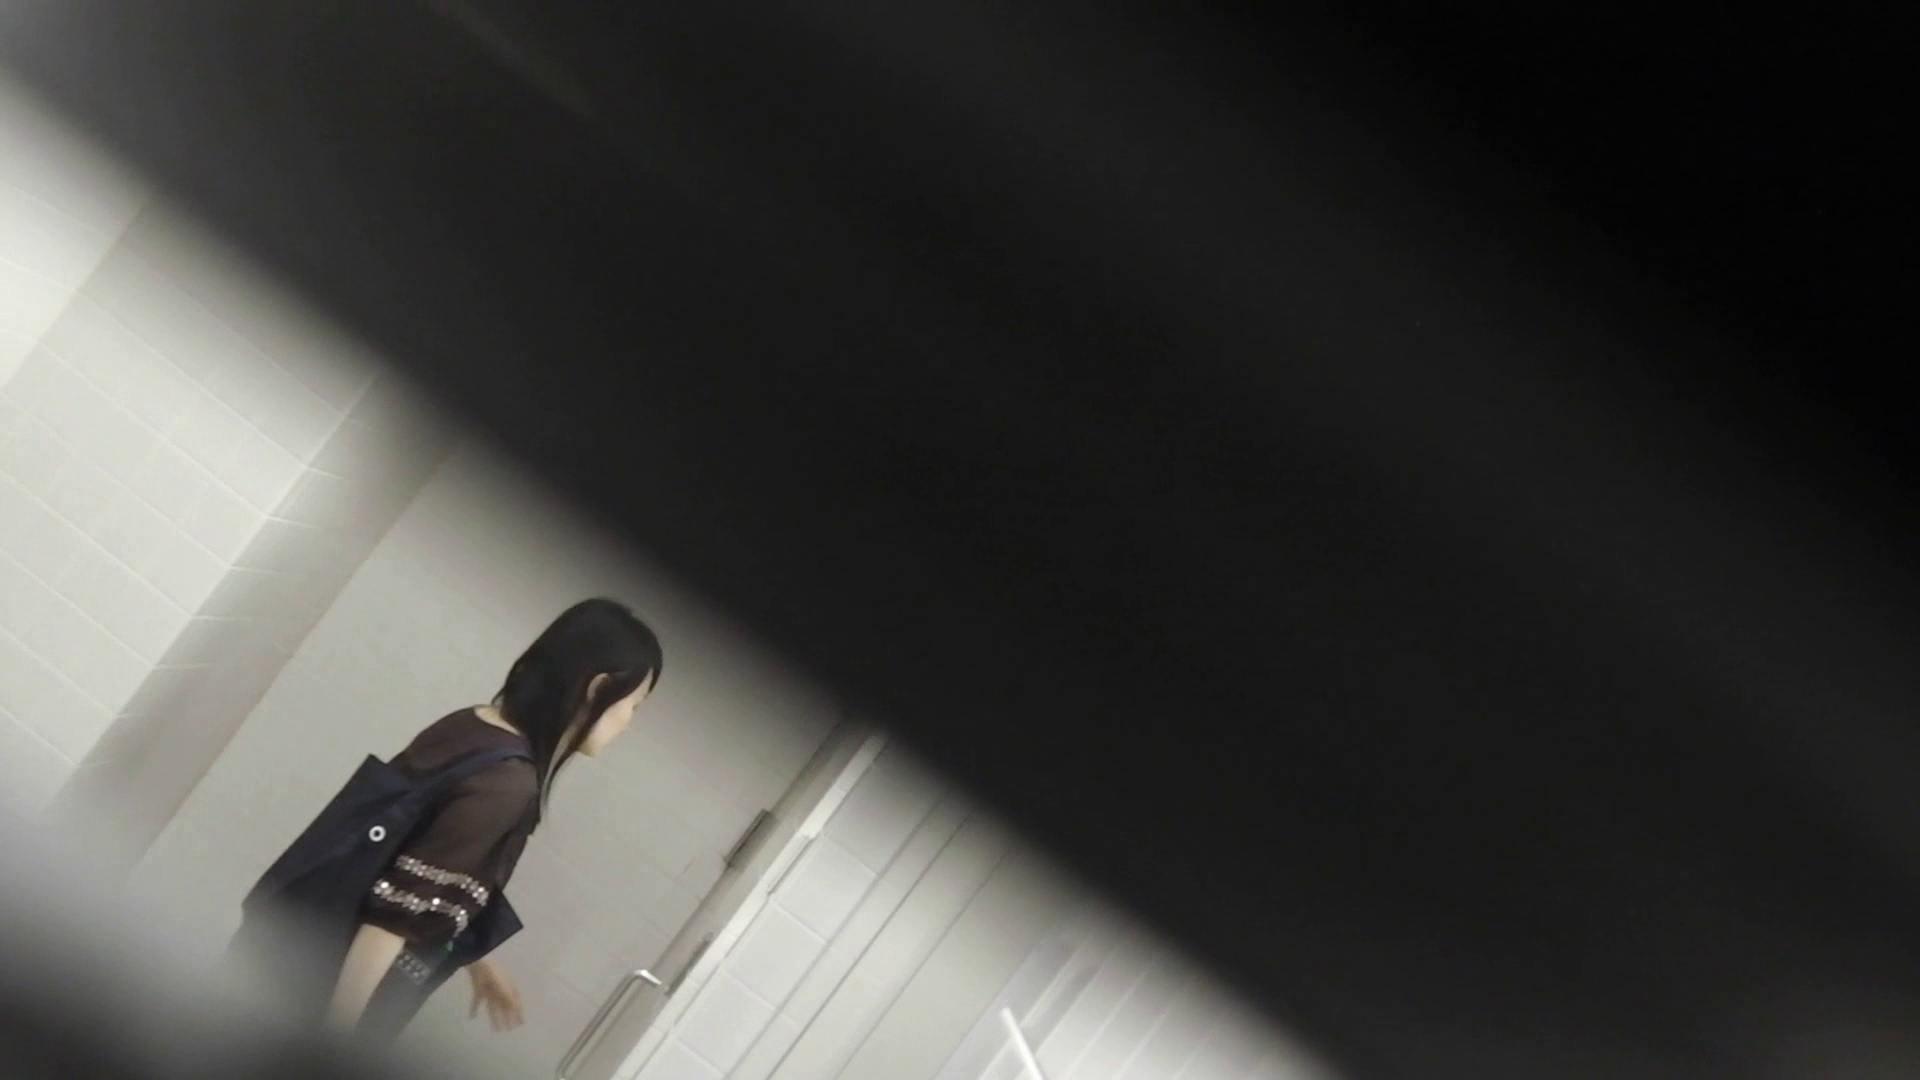 洗面所特攻隊 vol.001 清楚な美脚さん 洗面所   OL女体  104連発 69